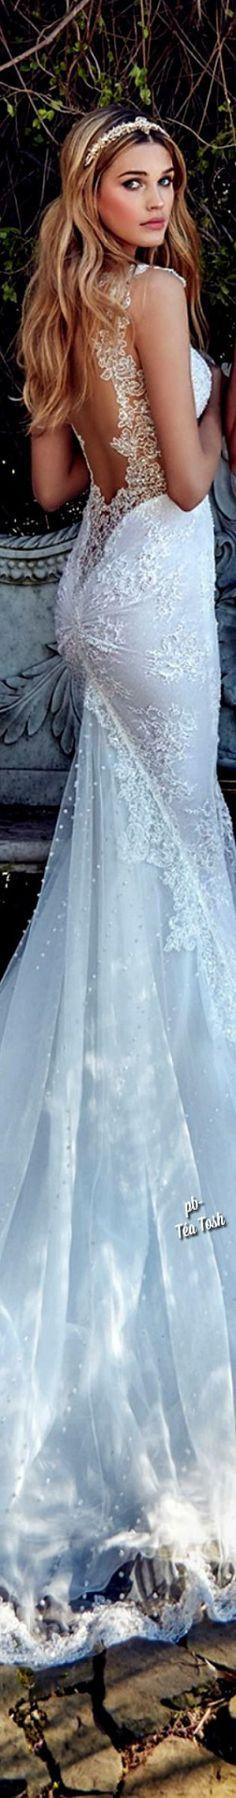 24 fantastiche immagini su vestiti da sposa  dd3d2d488b9